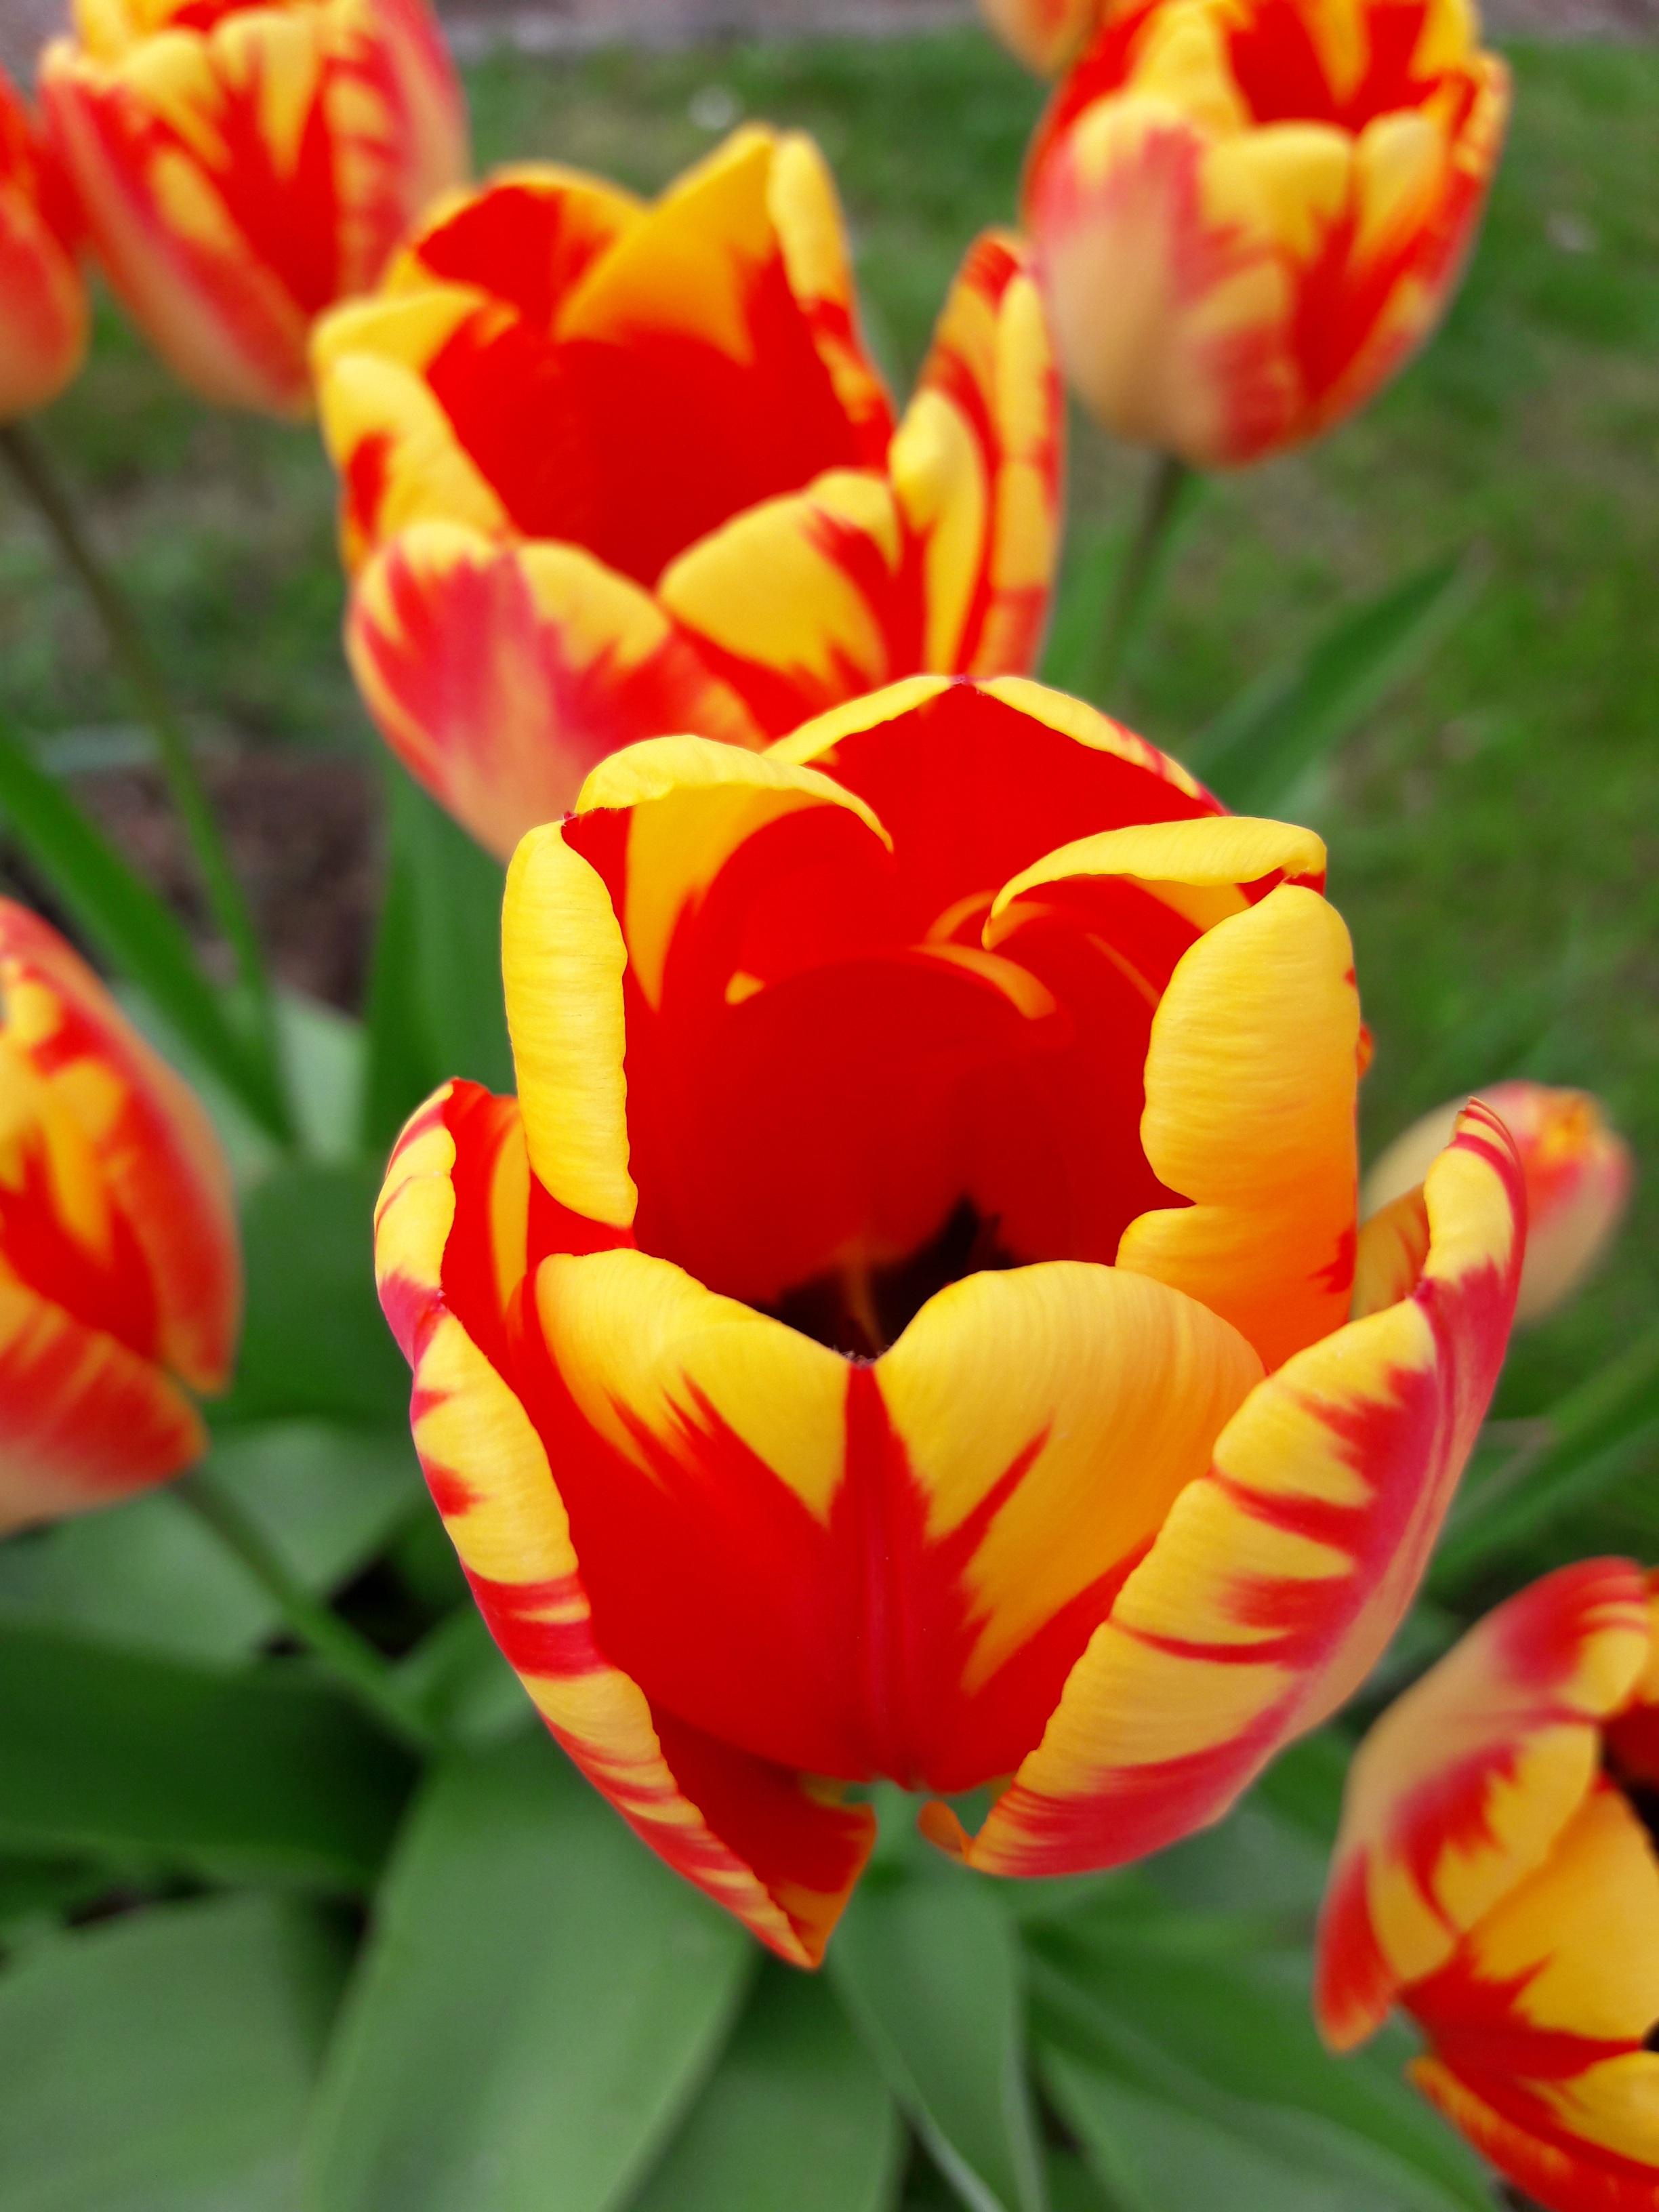 Download 960 Koleksi Wallpaper Bunga Dan Pemandangan Gambar HD Terbaik